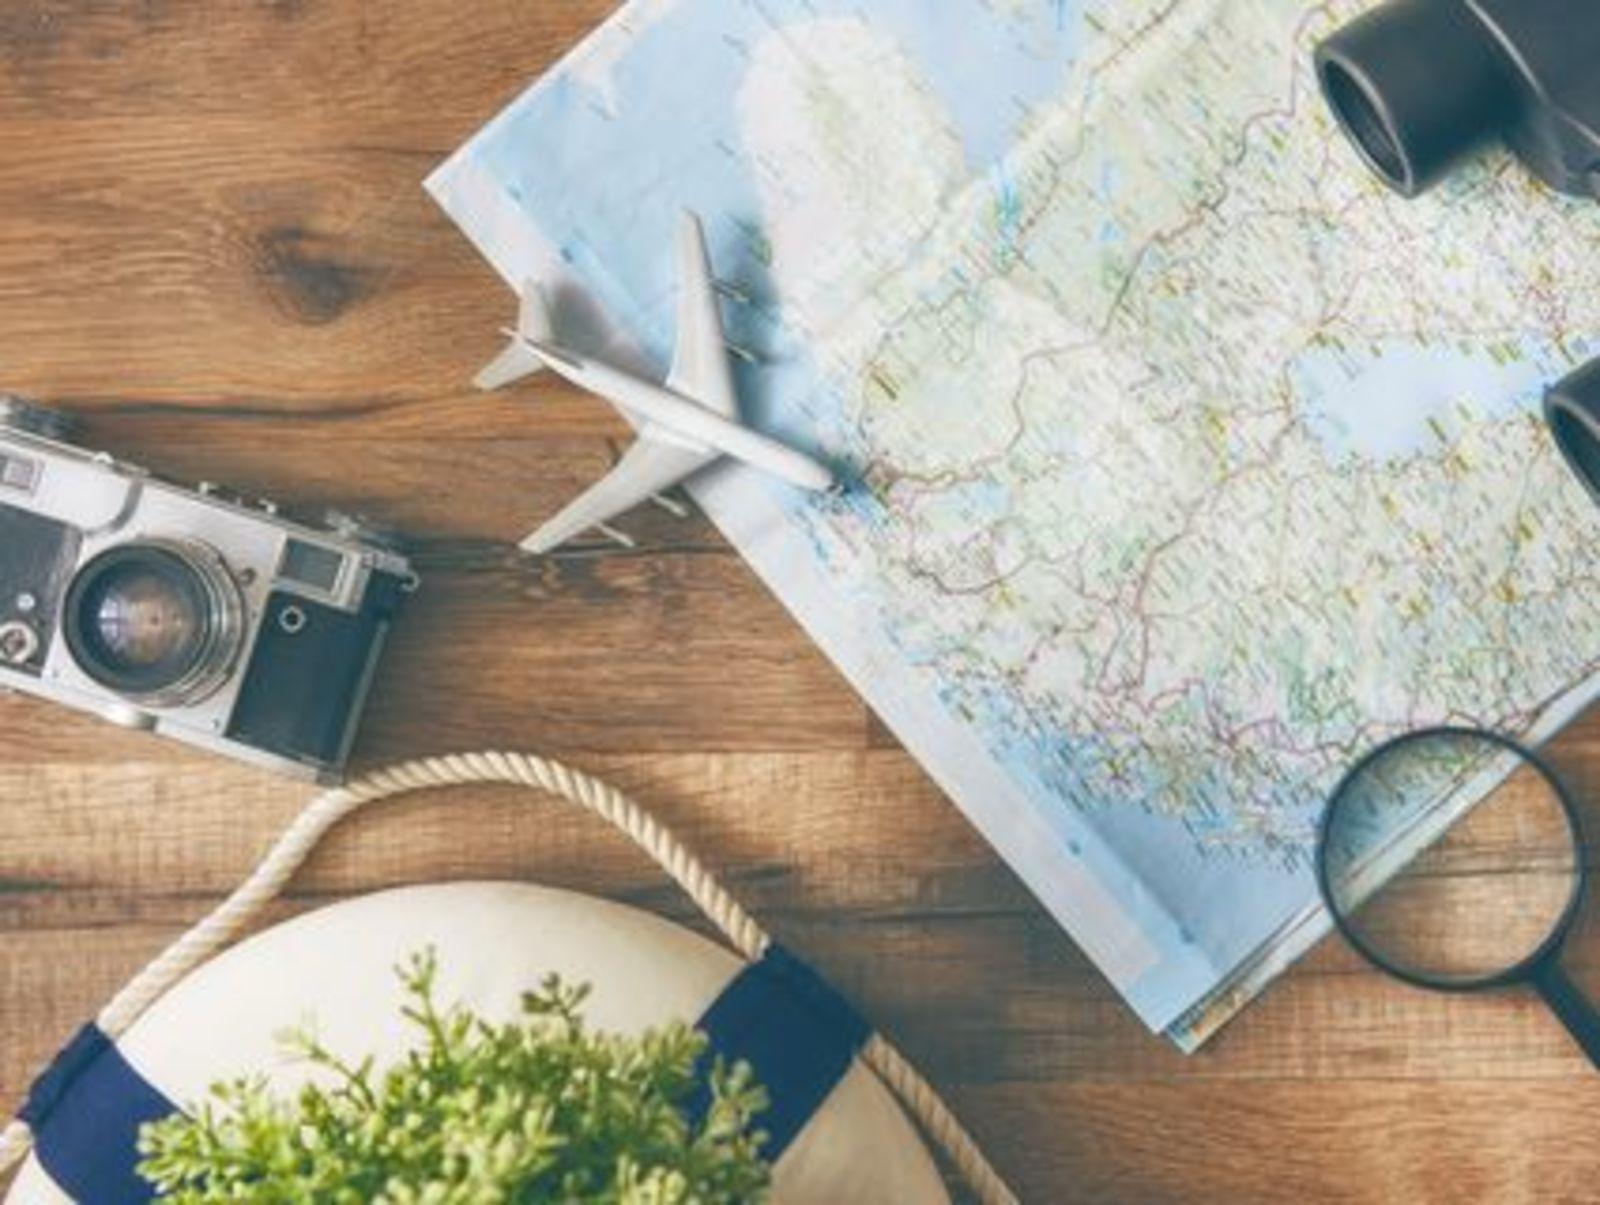 Landkaart, fotocamera, vliegtuig, verrekijker en loop liggen op tafel